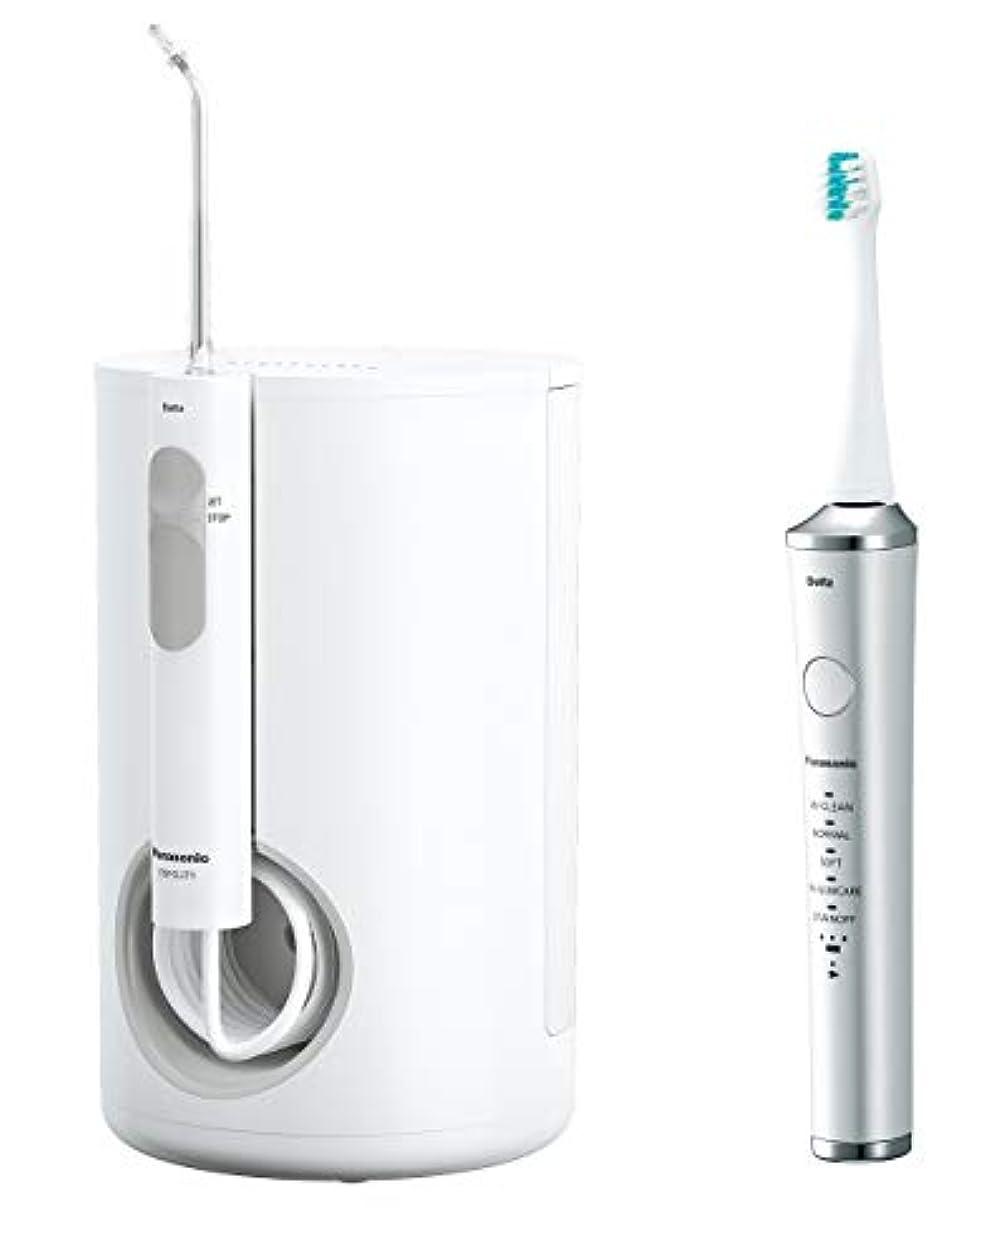 馬鹿正当な批判するパナソニック 口腔洗浄器 ジェットウォッシャー ドルツ 白 EW-DJ71-W + 電動歯ブラシ ドルツ セット